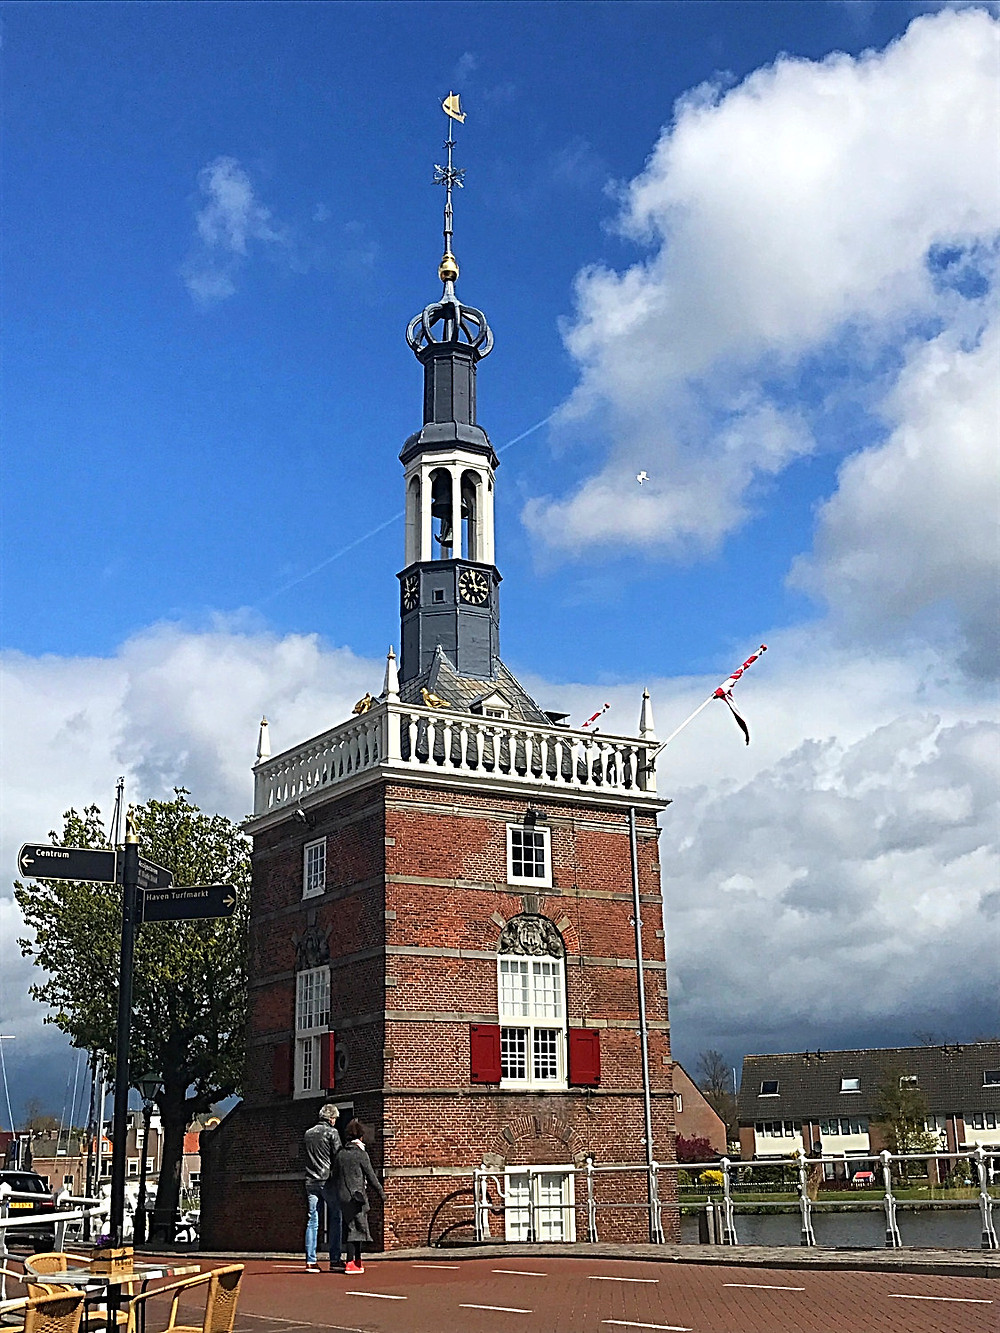 The Alkmaar Accijnstoren